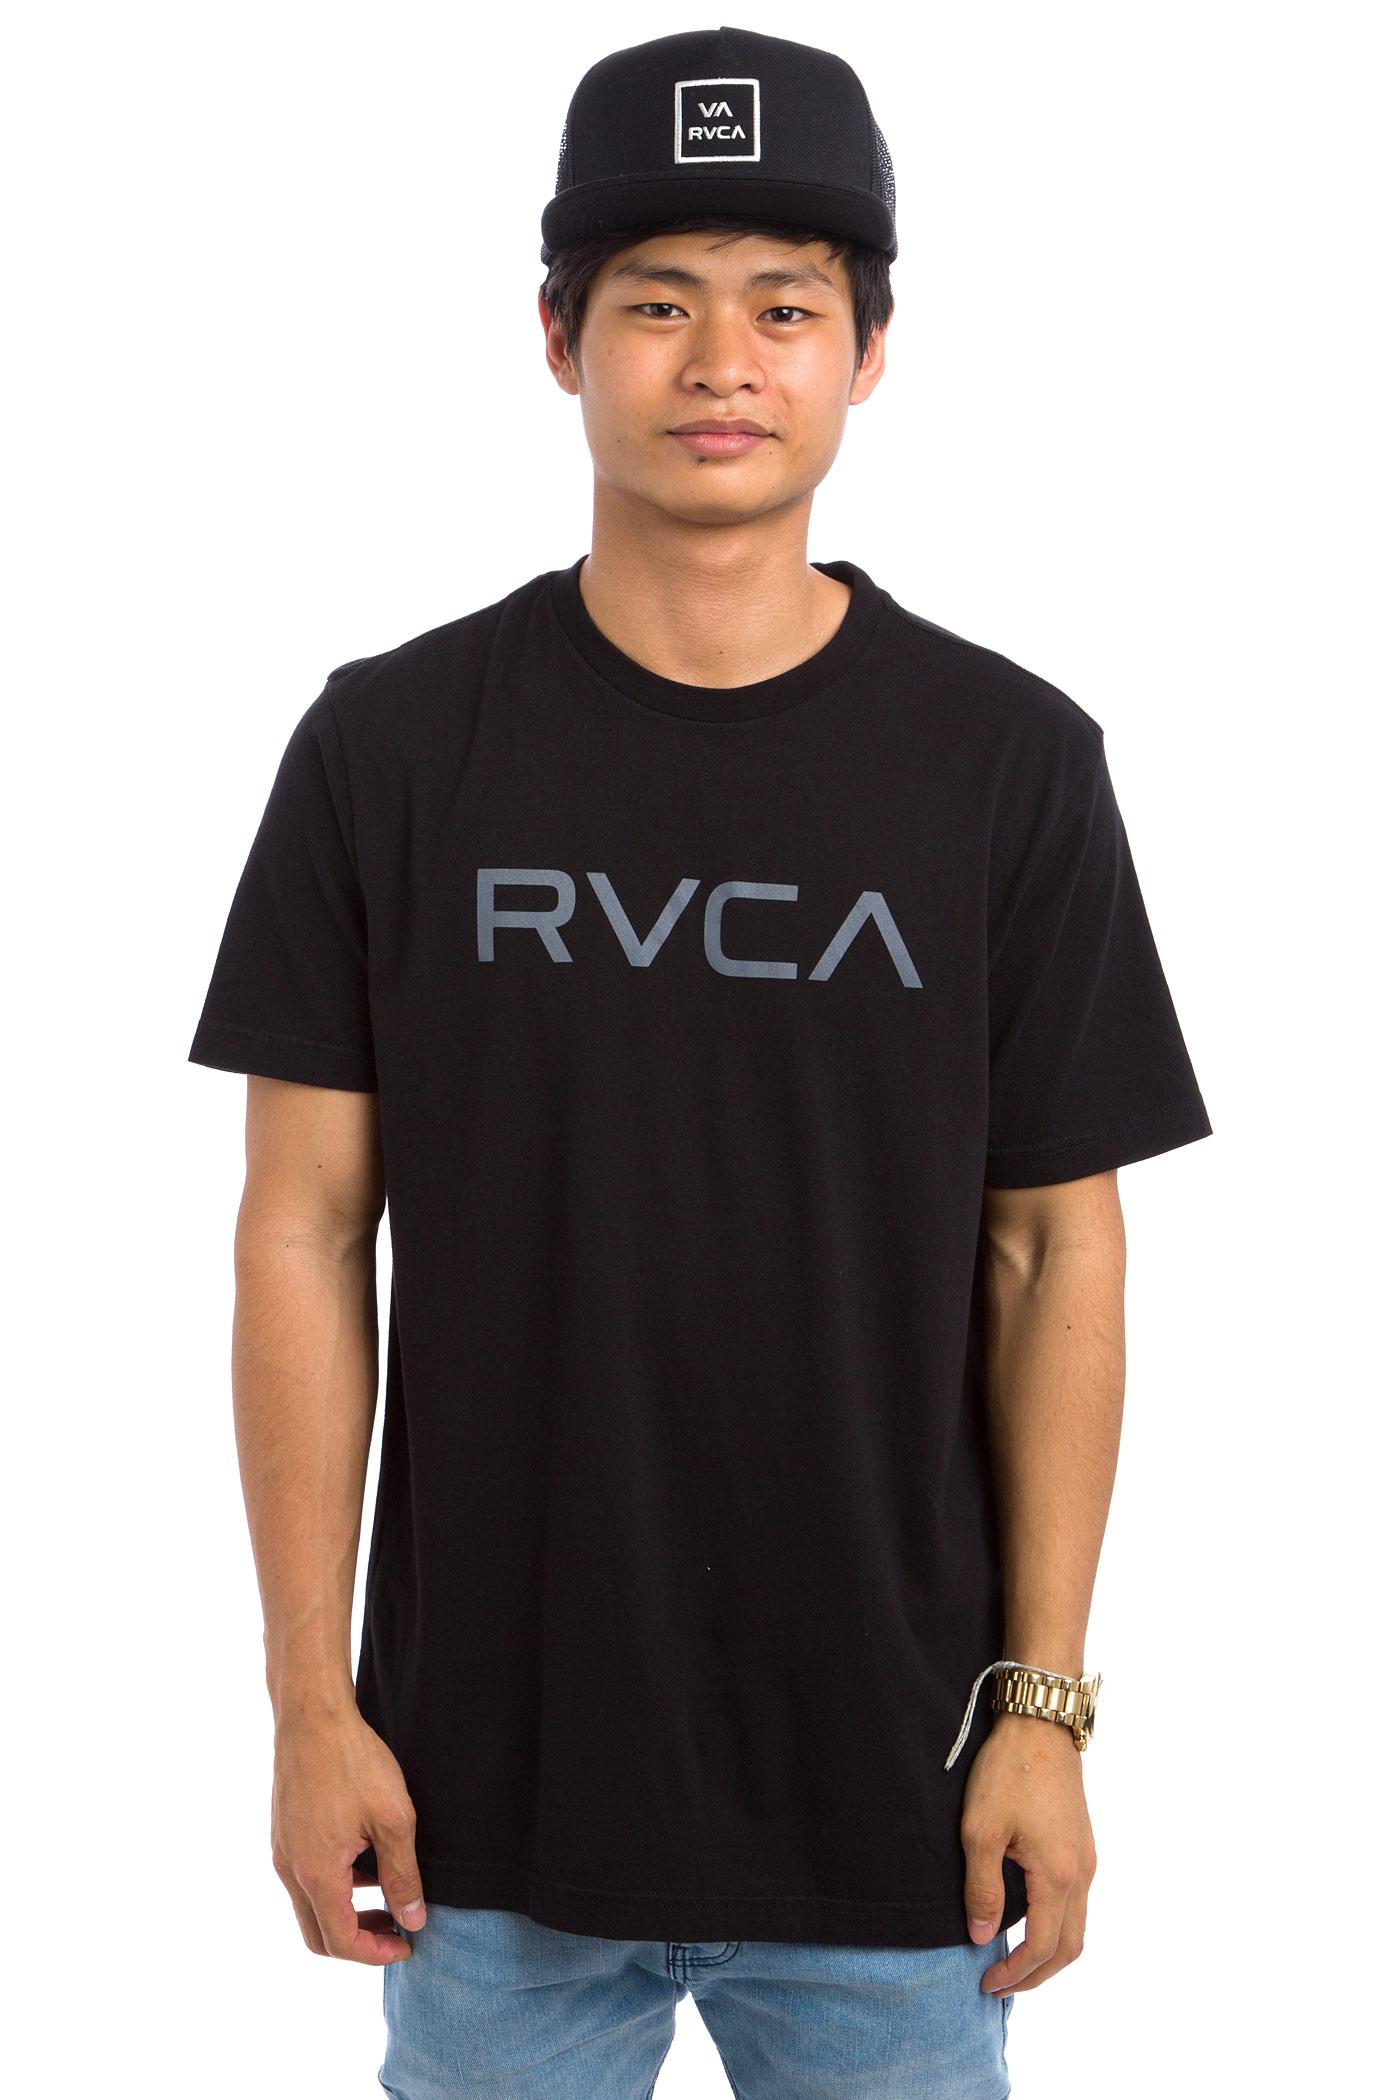 RVCA Balance Bars T-Shirt